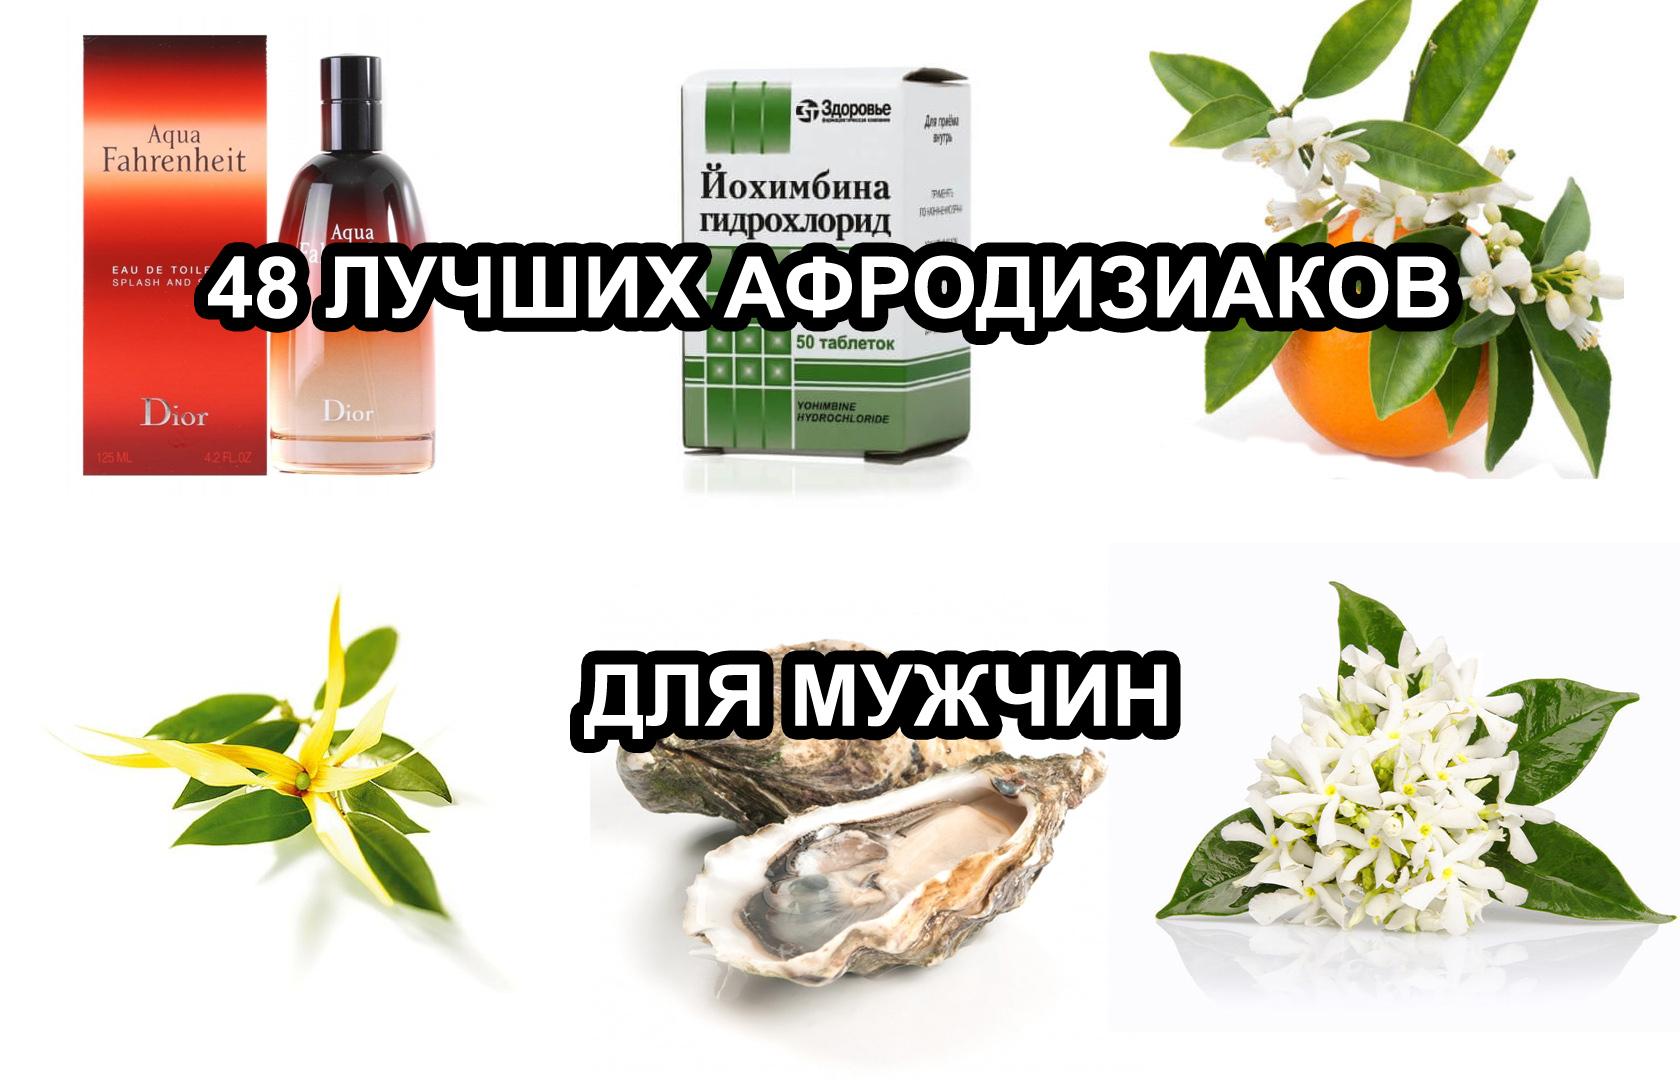 Афродизиак — что это? список продуктов афродизиаков для мужчин и женщин